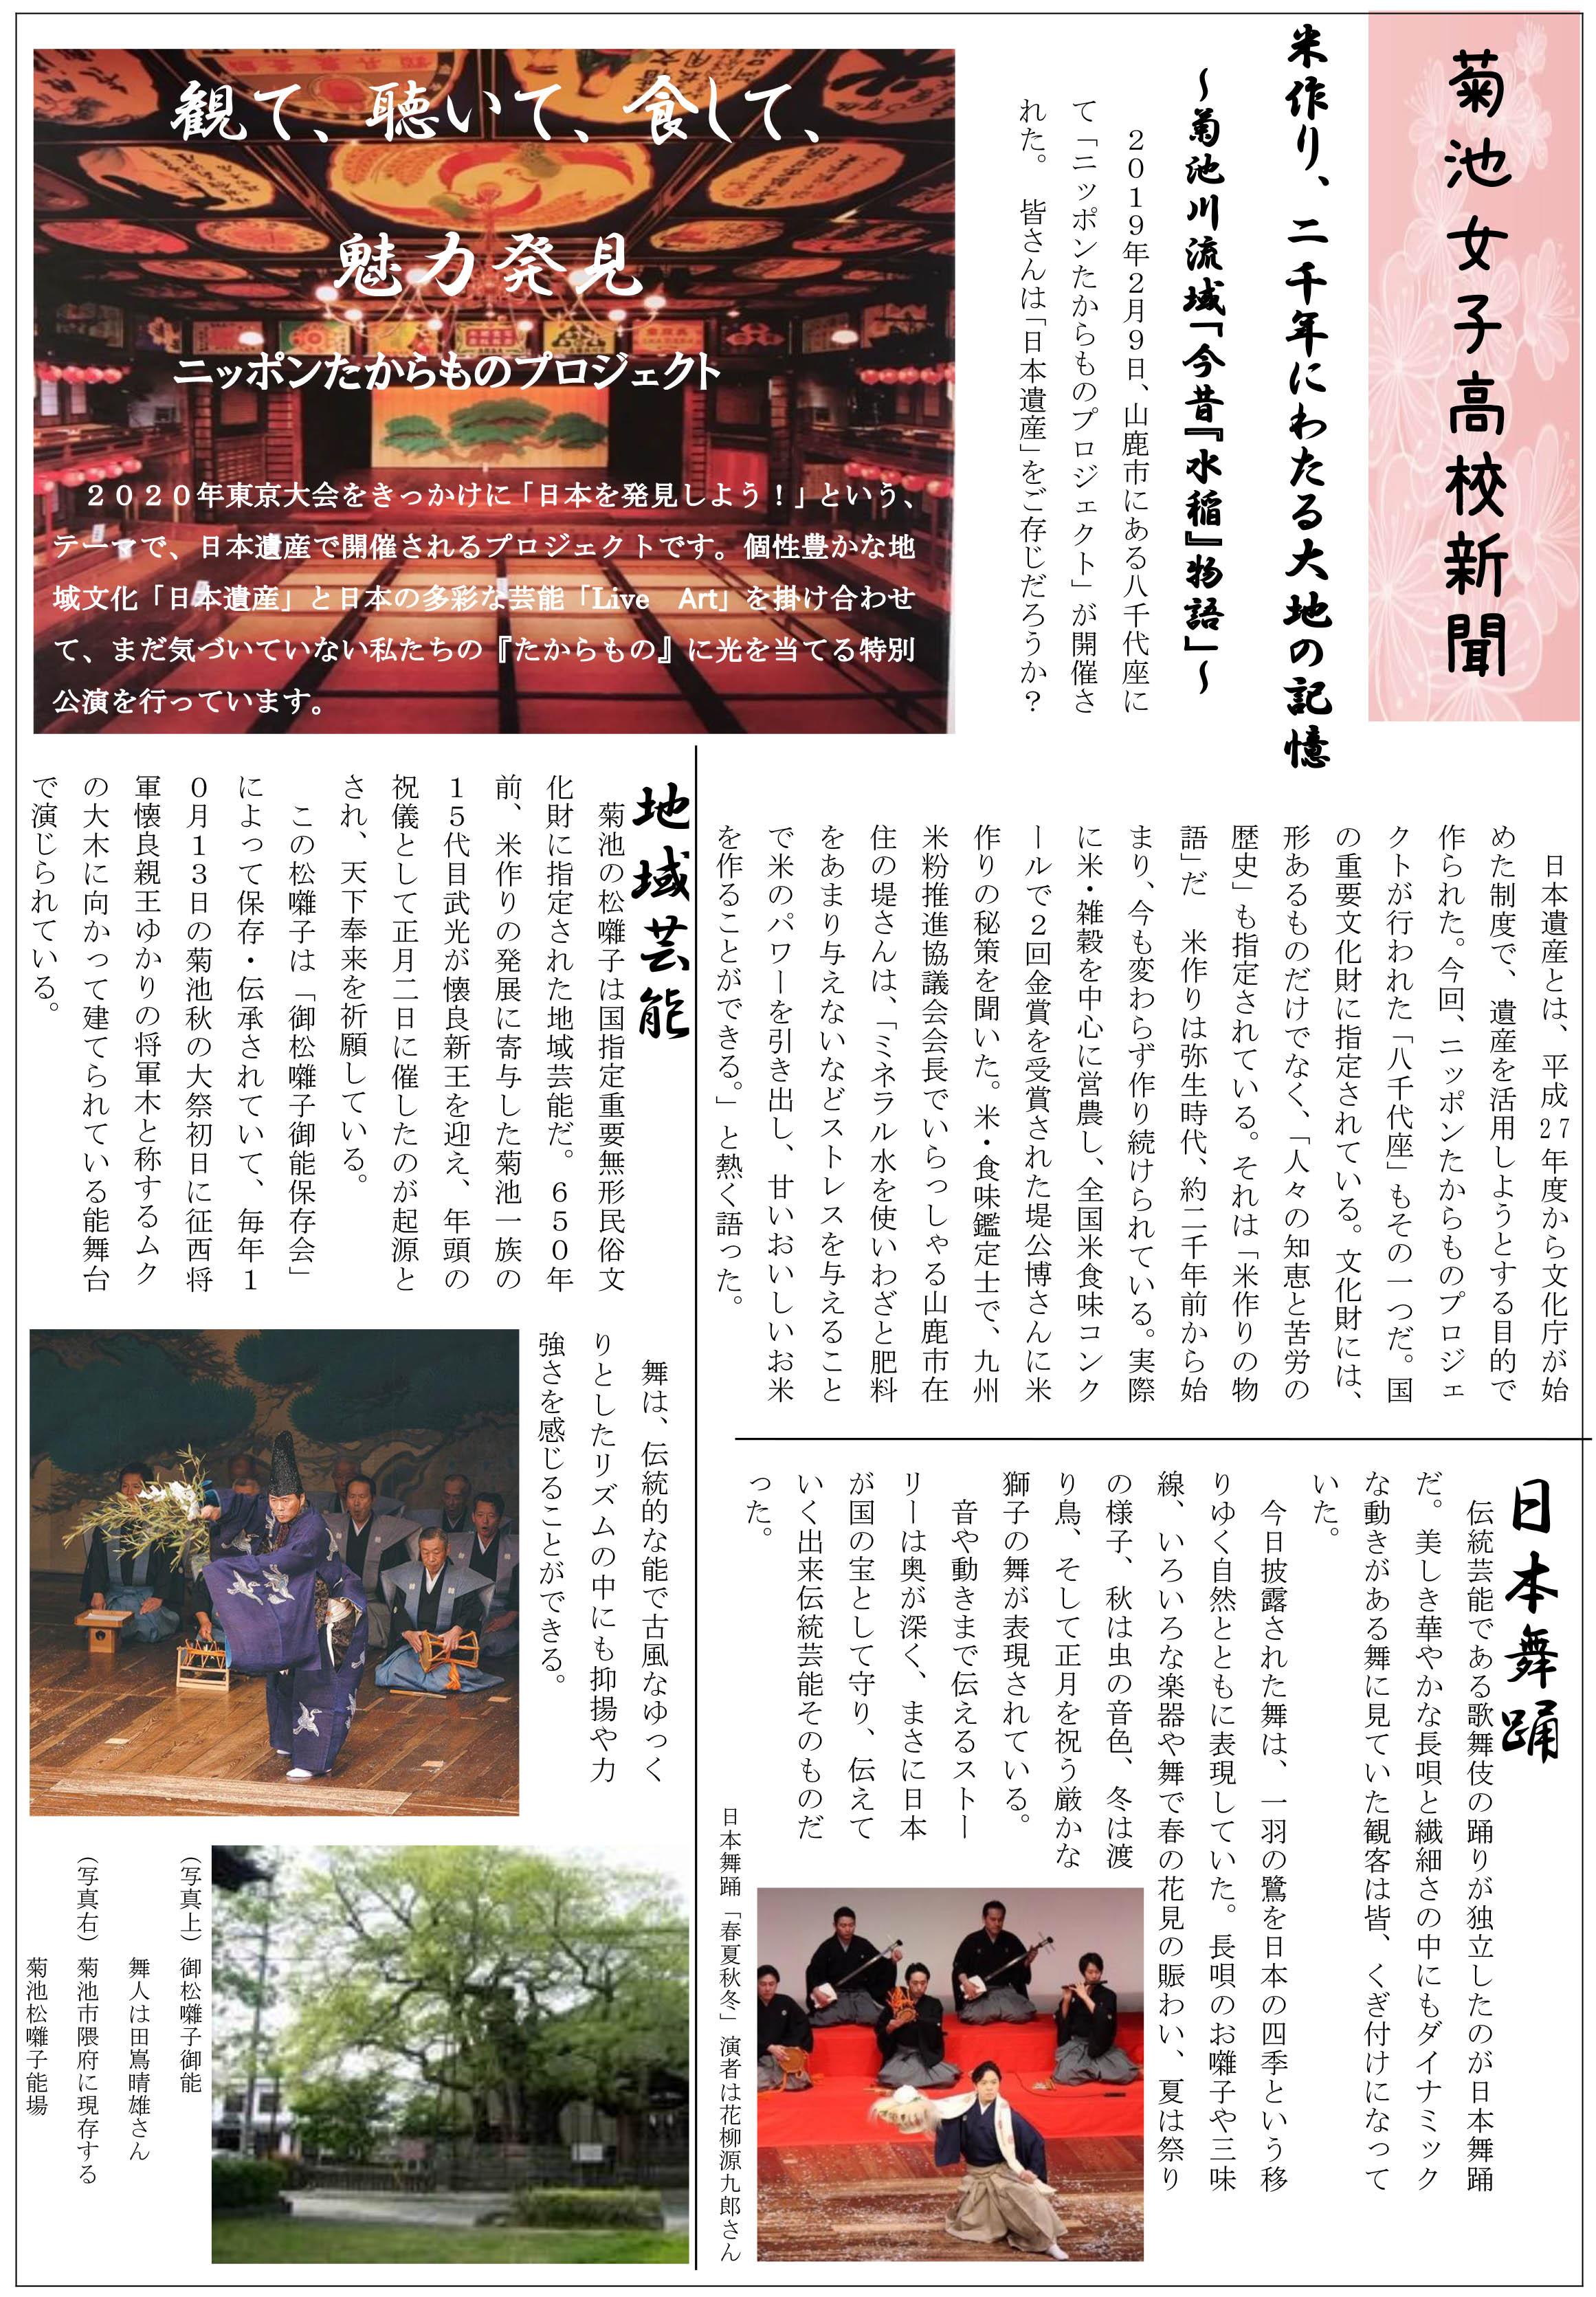 菊池 女子 高校